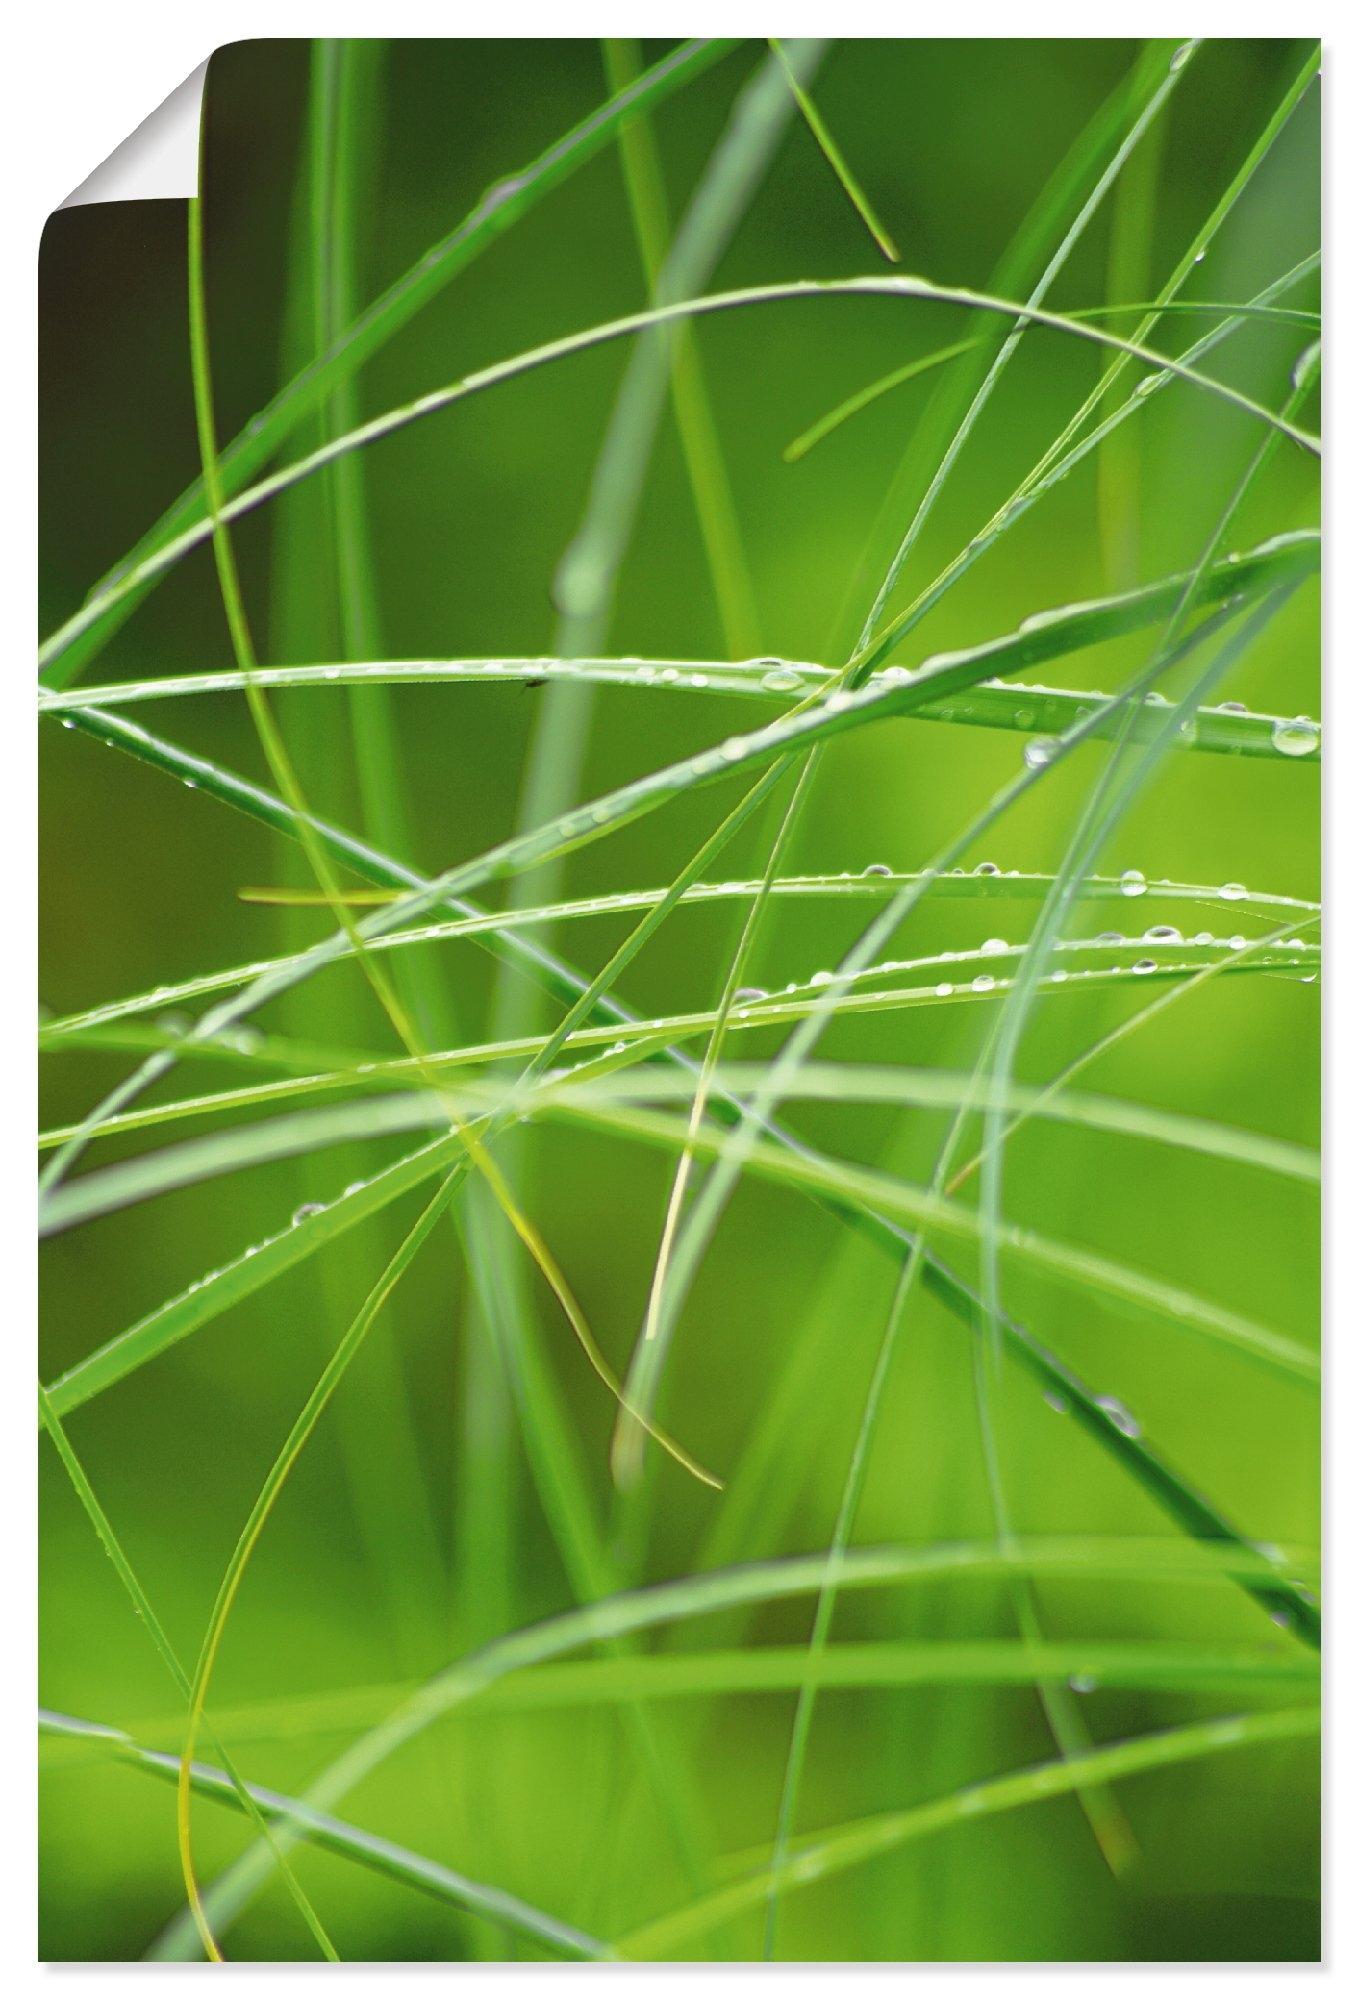 Artland Artprint Grassen in regenwoud met dauwdruppel in vele afmetingen & productsoorten - artprint van aluminium / artprint voor buiten, artprint op linnen, poster, muursticker / wandfolie ook geschikt voor de badkamer (1 stuk) veilig op otto.nl kopen